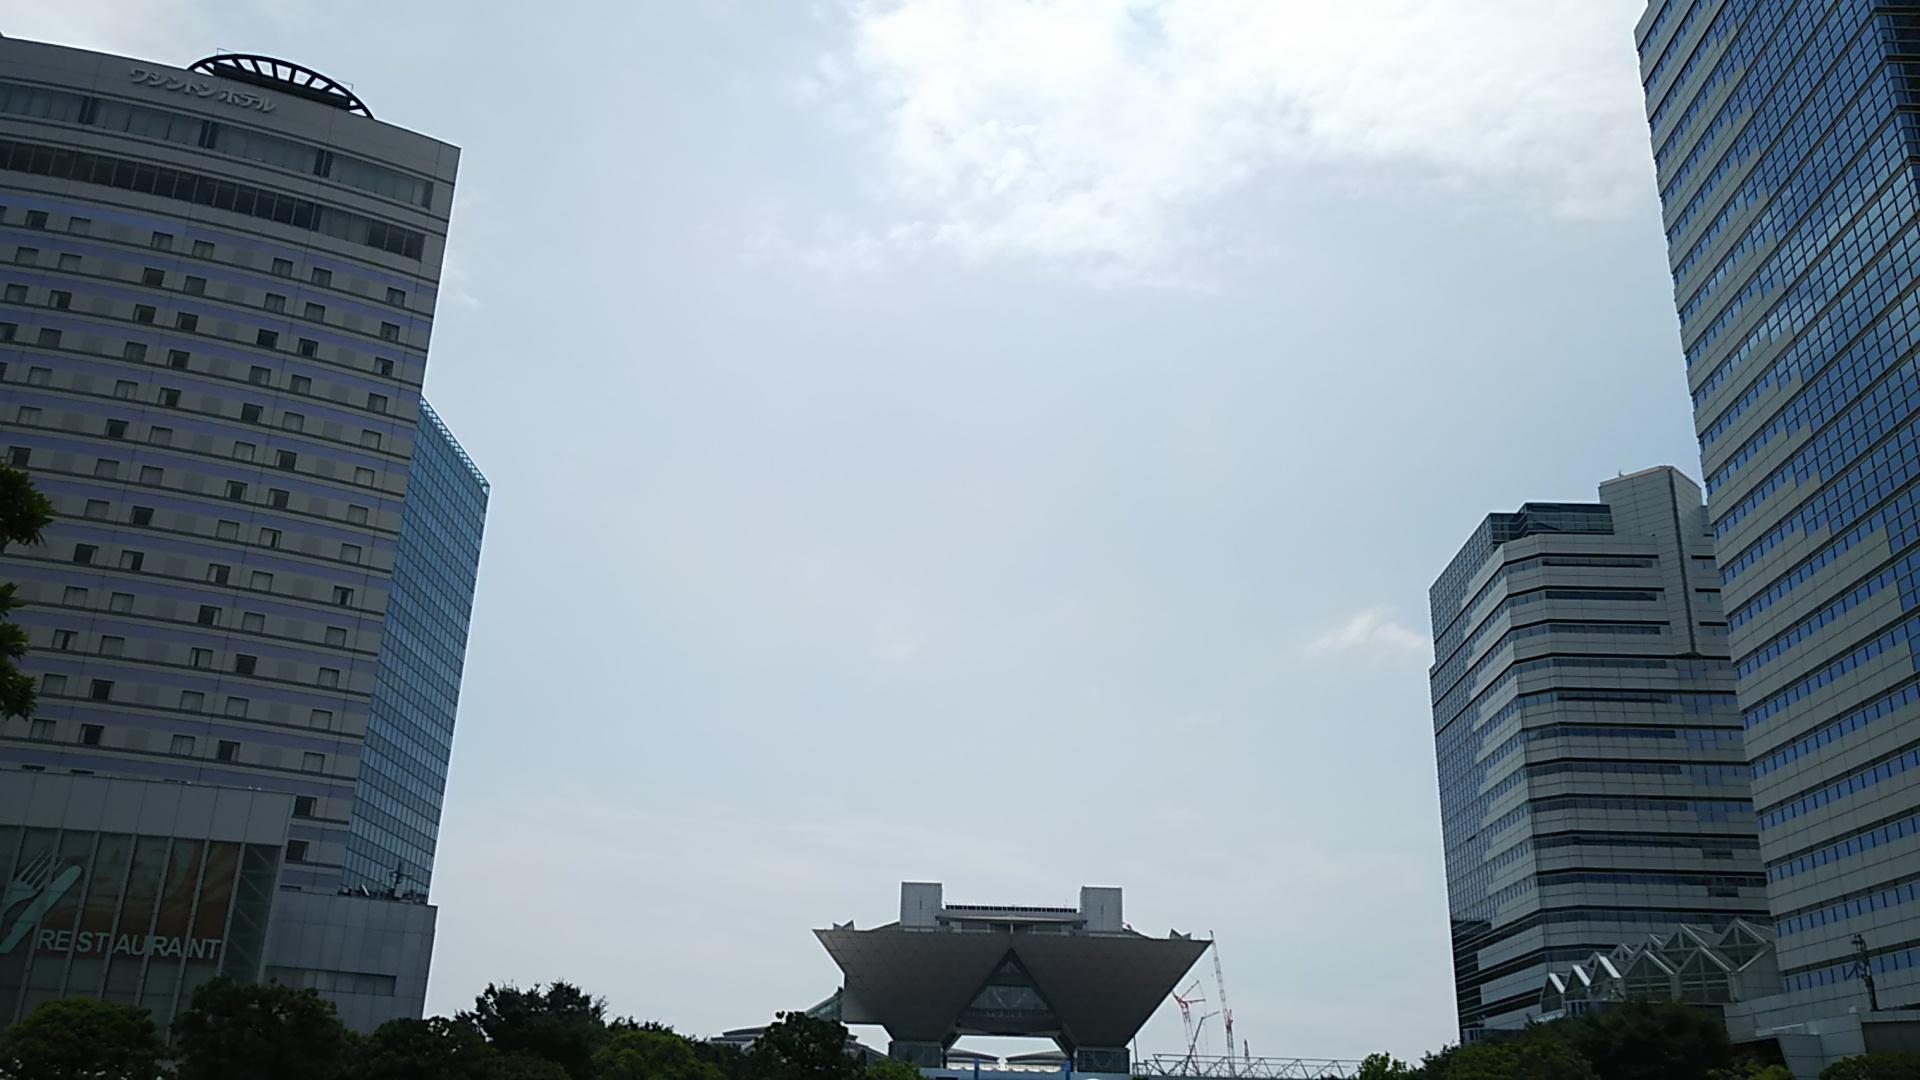 午前中は曇りがちな天気で気温は低め、とはいえ湿度が高く不快指数はそれなり